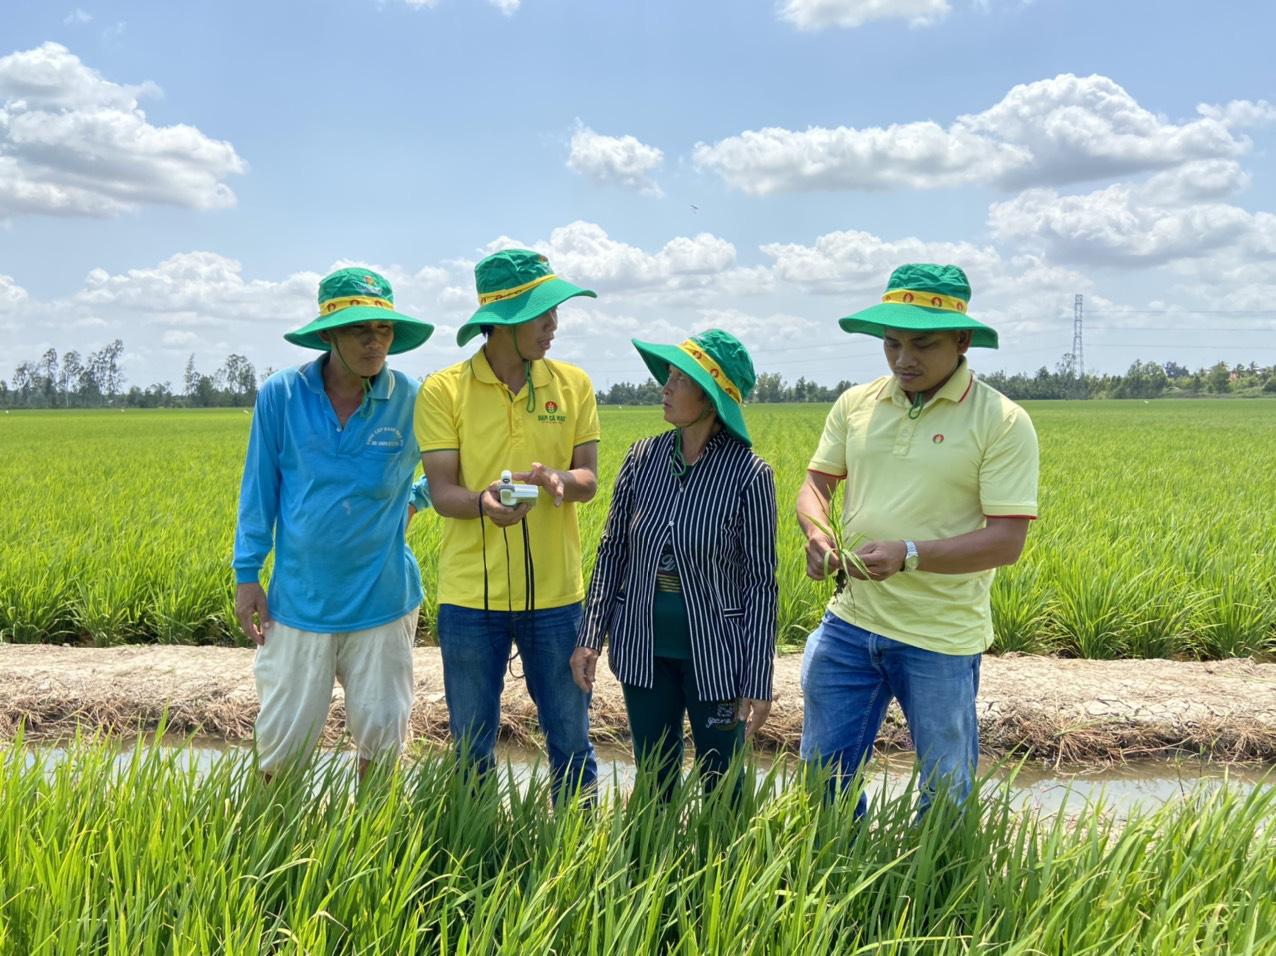 Triết lý kinh doanh gắn với lợi ích nhà nông - Ảnh 1.